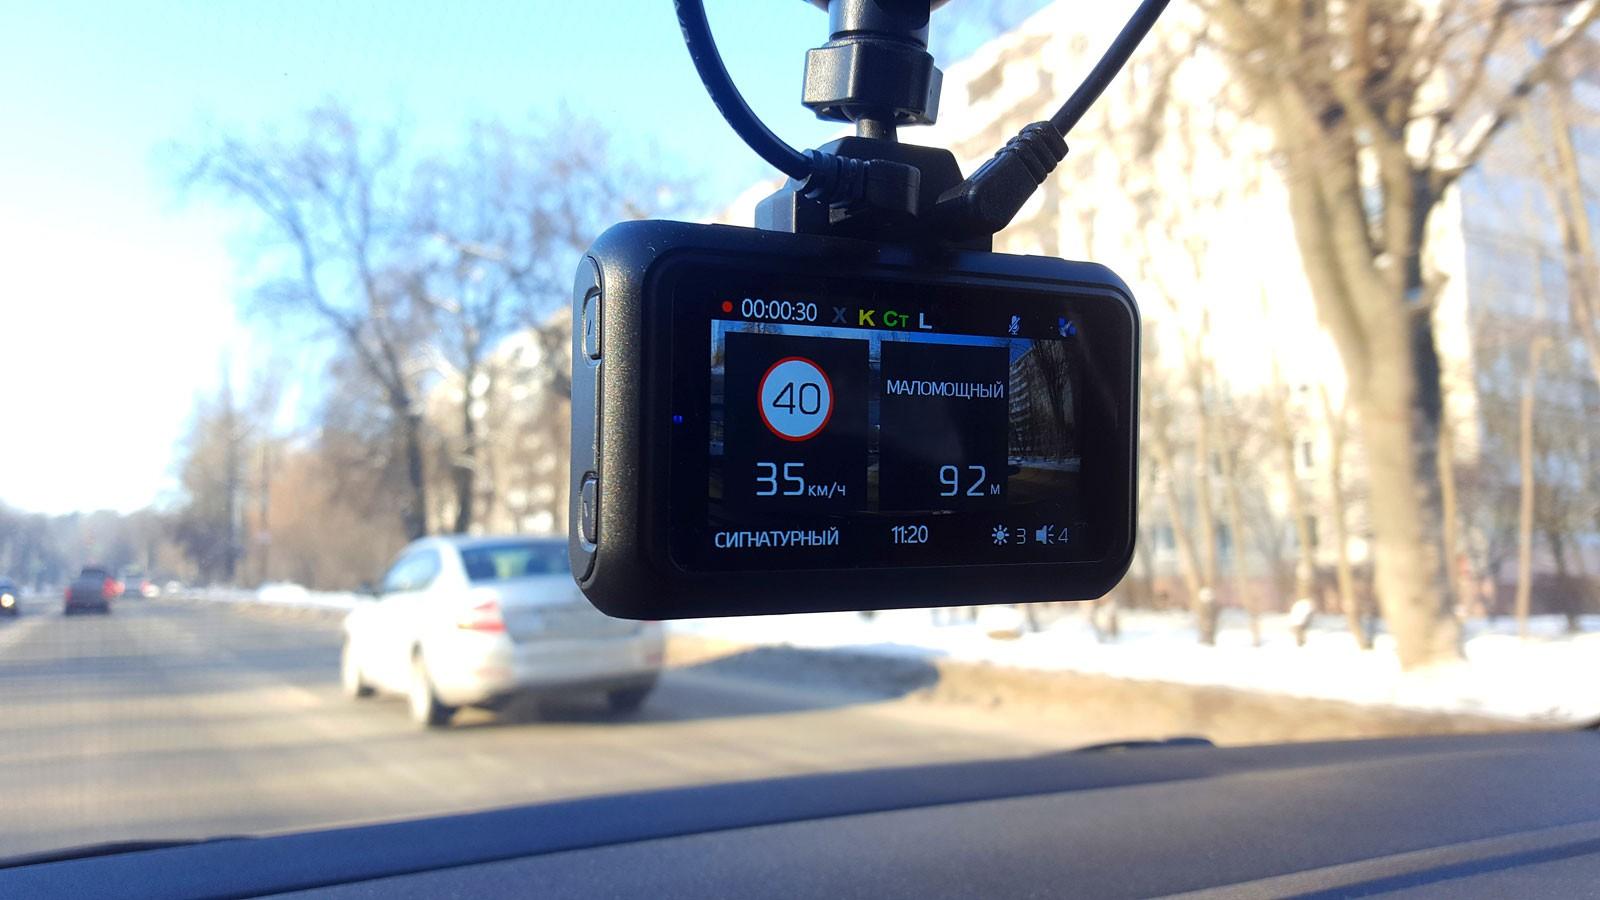 «Не видеорегистратор, а видеосистема!». Обзор комбо-устройства TrendVision Hybrid Signature PRO